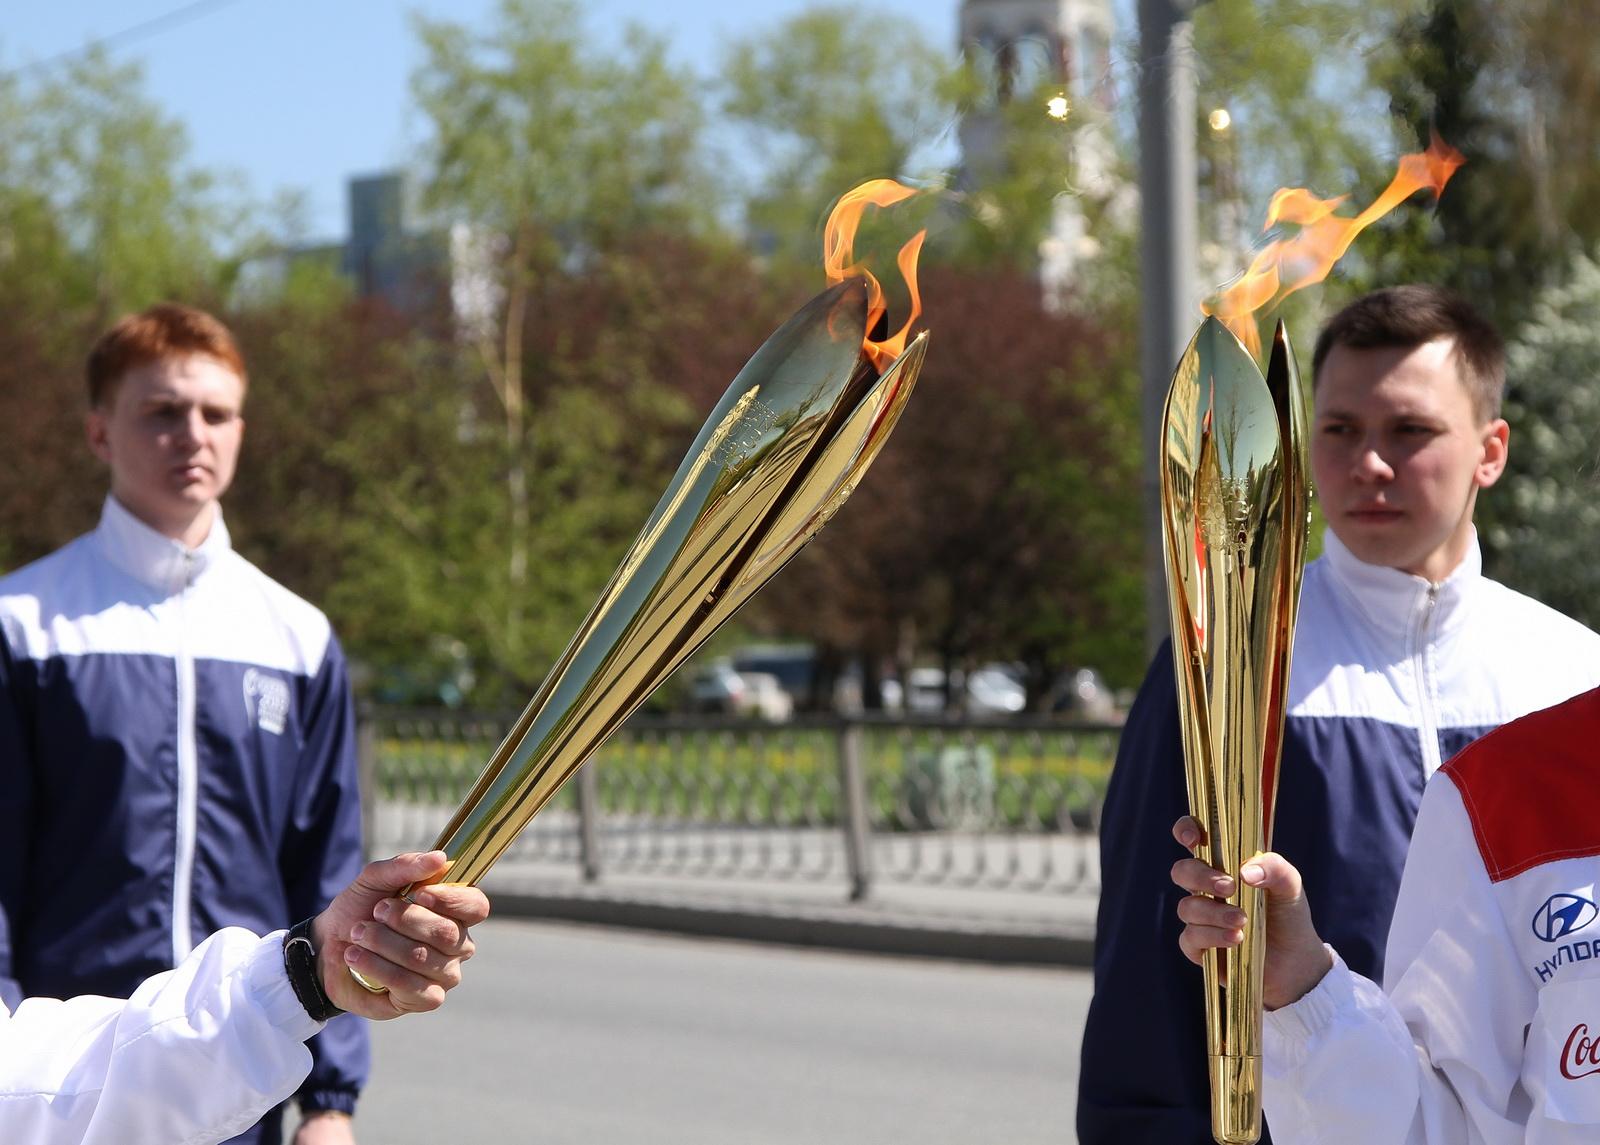 Фоторепортаж 66.ru: огонь Универсиады привезли в Екатеринбург